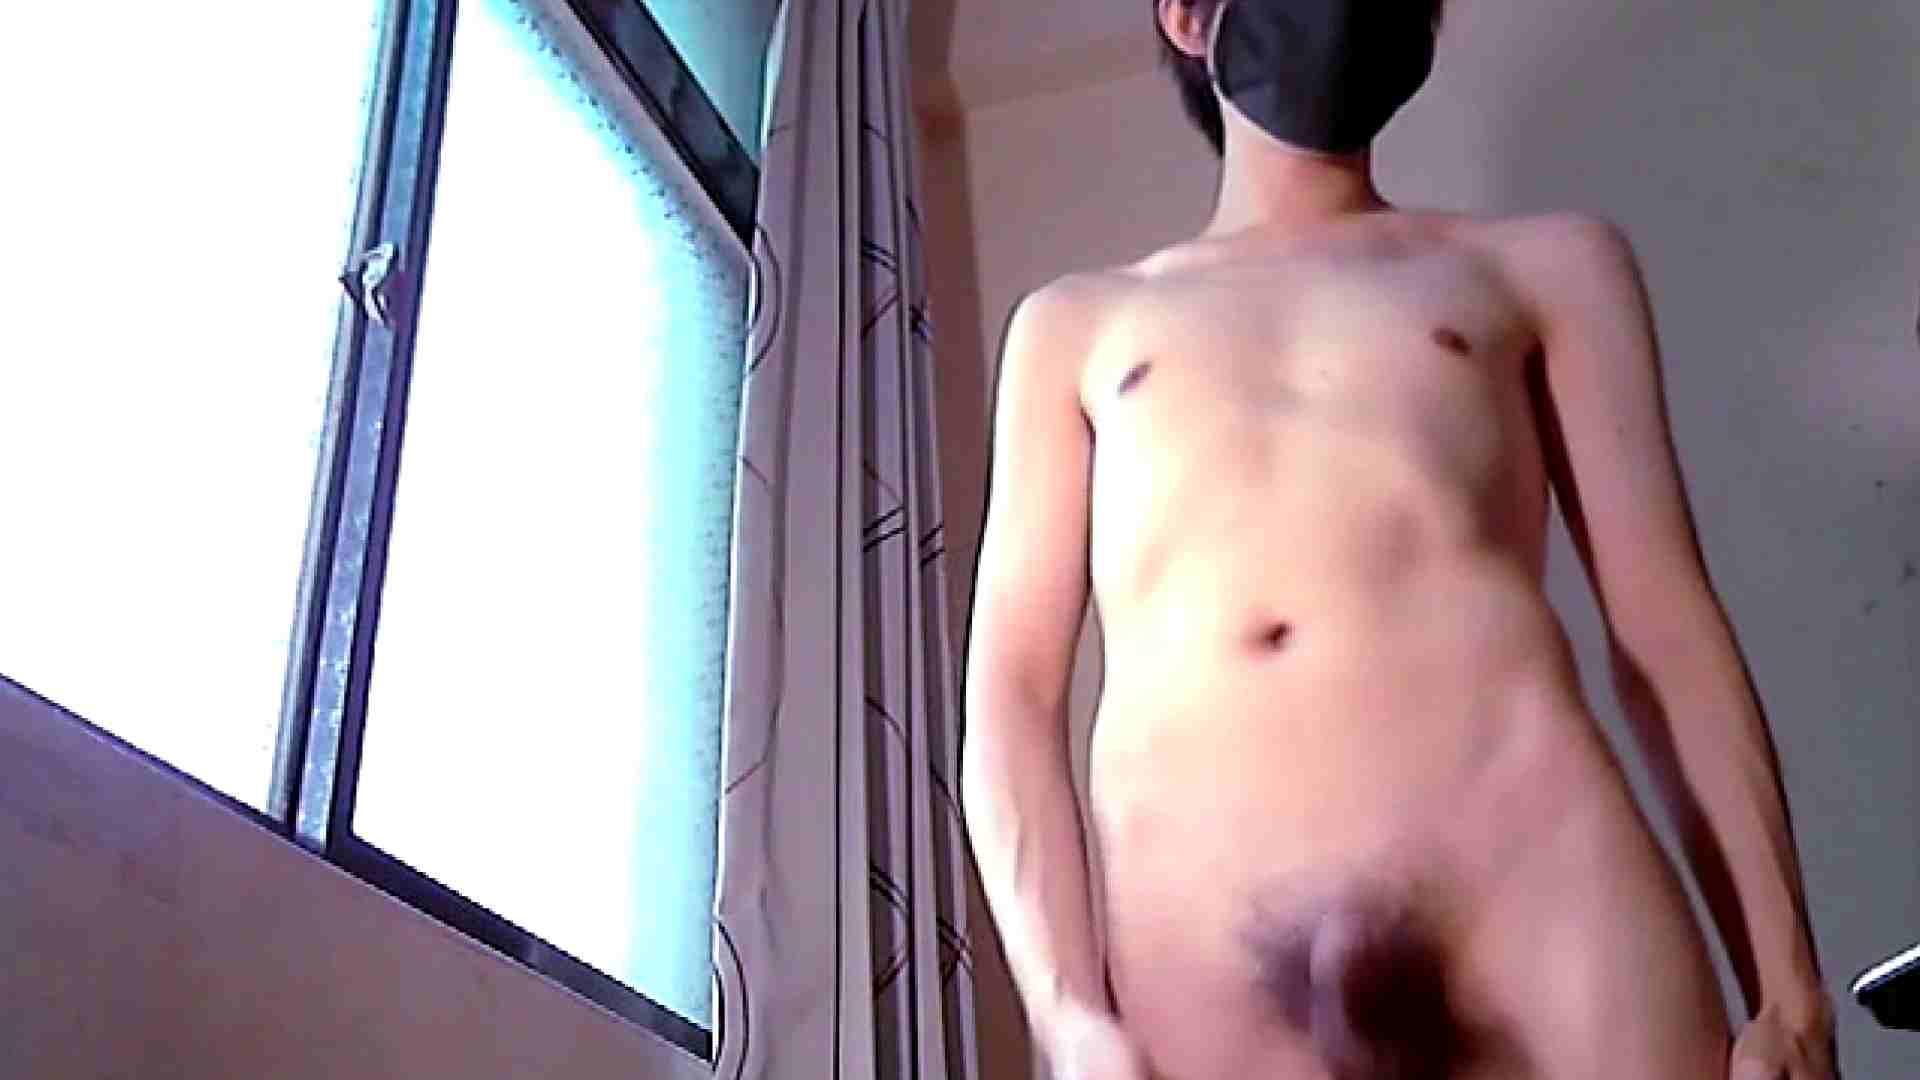 ぎゃんかわ男子のはれんちオナニー  vol.05 男のゲイ天国  8枚 2